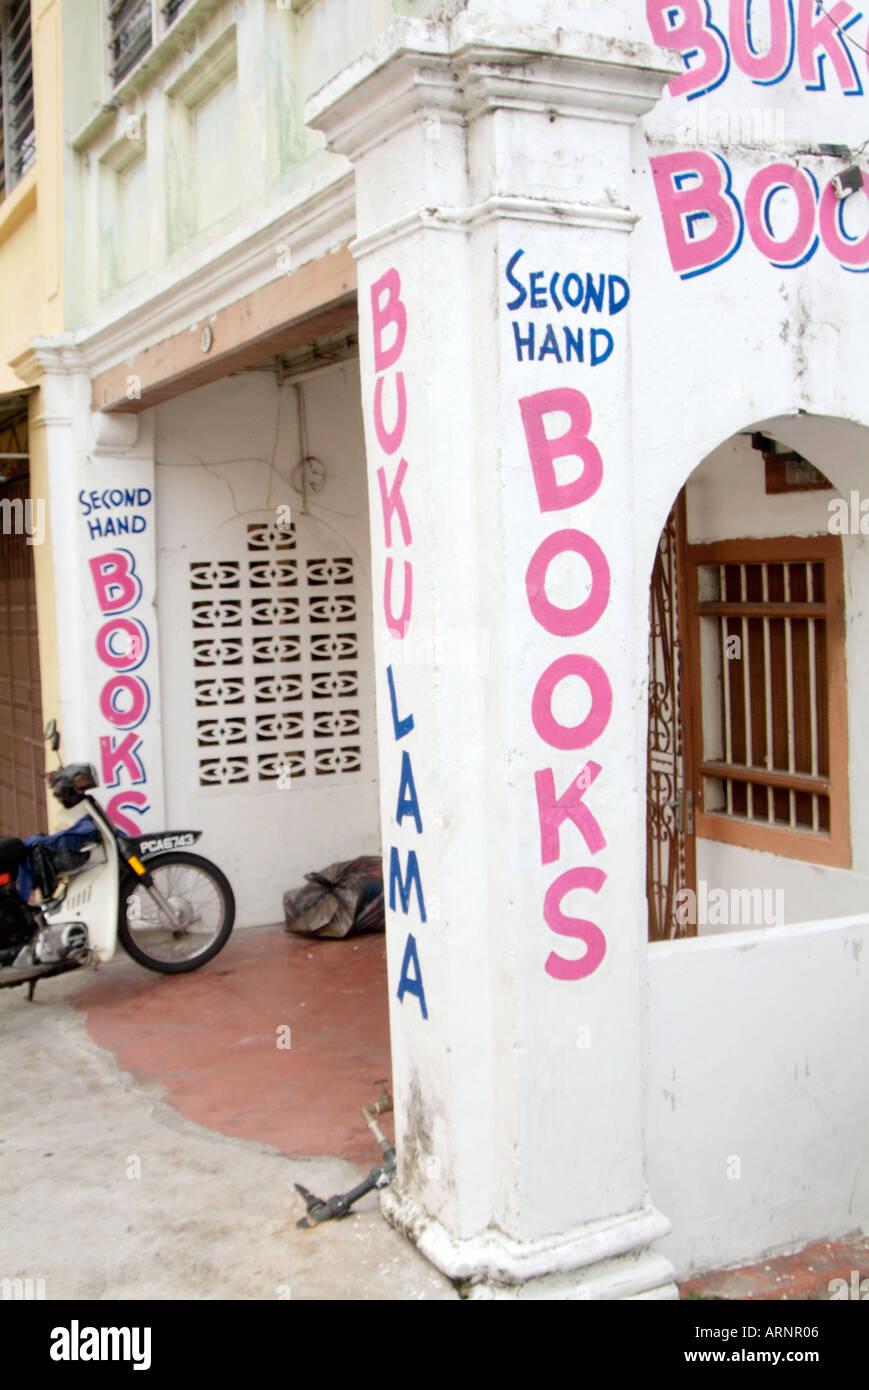 Seconda mano, libro, shop, rivenditore, Copyright, Licenza, intellettuale, diritti di proprietà e non per rivendita, libreria, copyright, Foto Stock